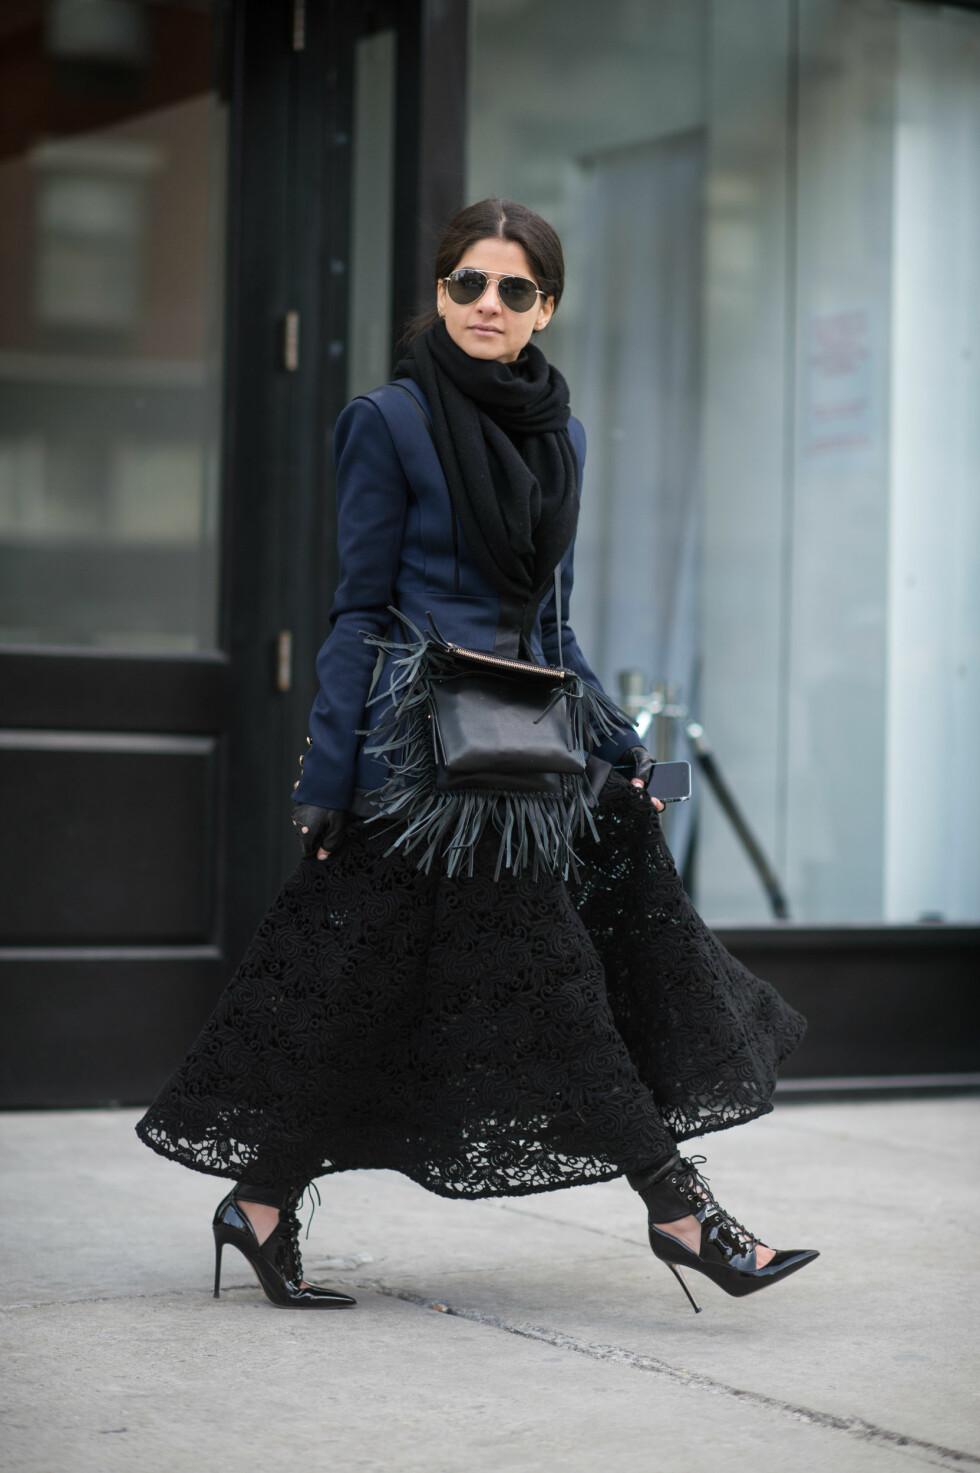 Når man bruker bukser under kjolen kan man plutselig bruke blondekjolen også når det er kaldt ute! Foto: Scanpix